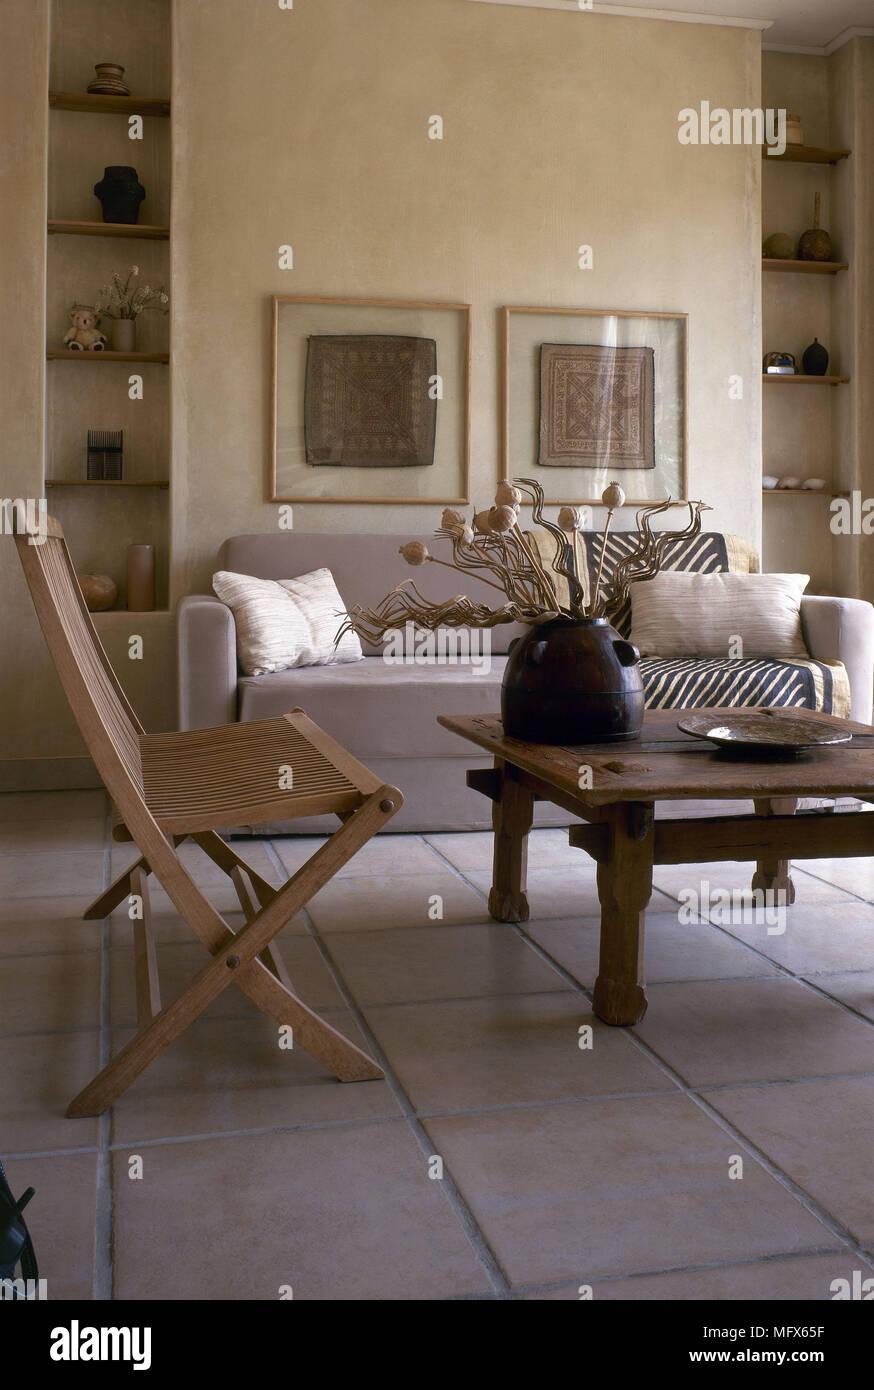 Salon moderne en pierre marbre carrelage rustique en bois canapé ...